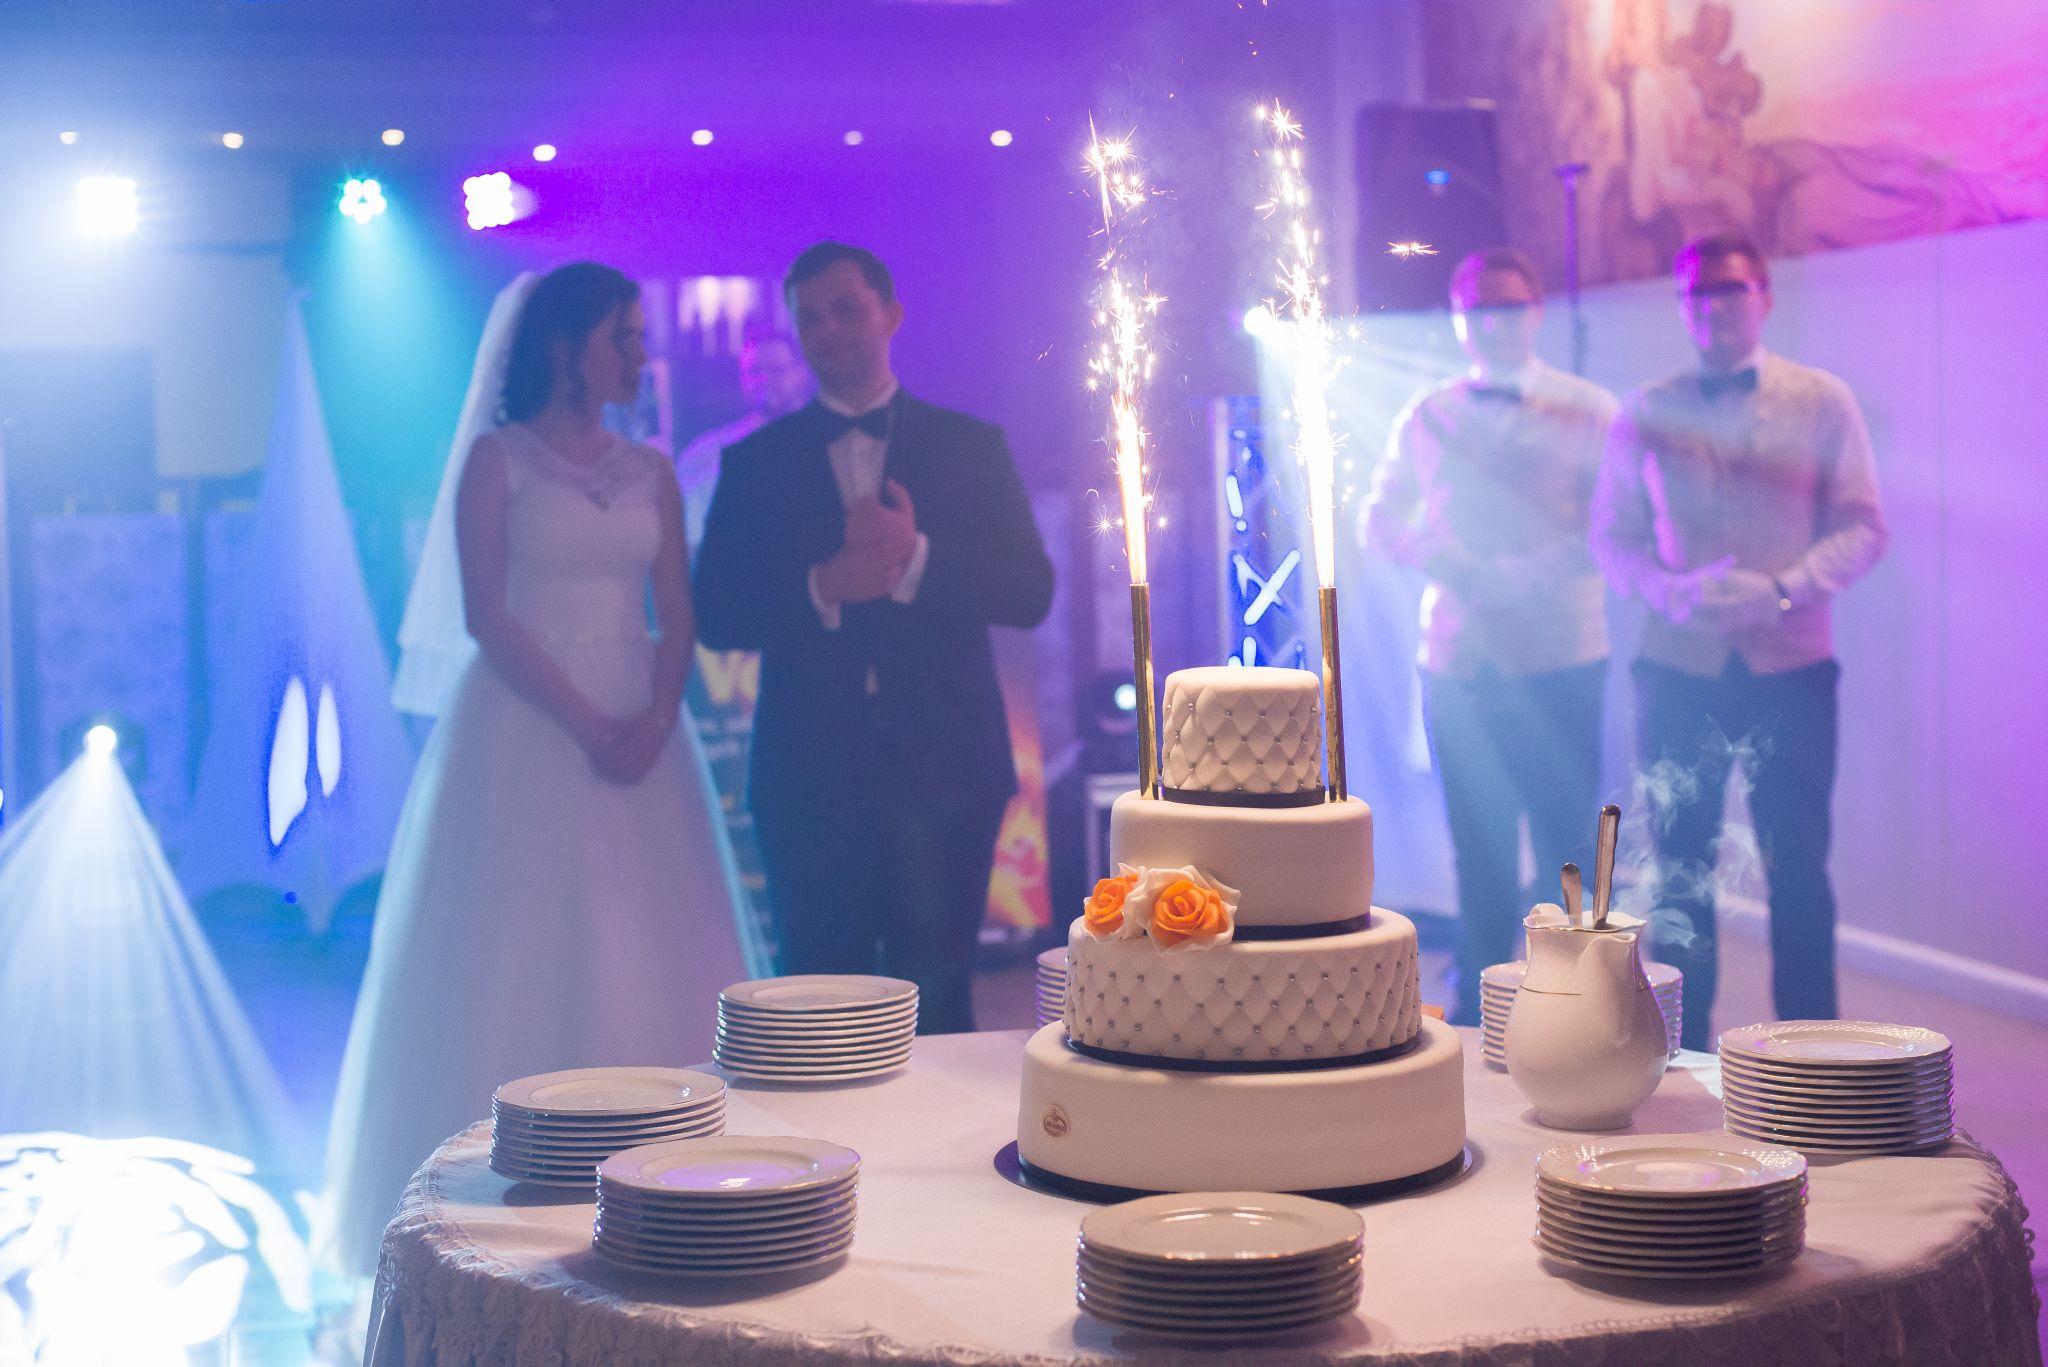 zdjęcia ślubne weselnego tortu